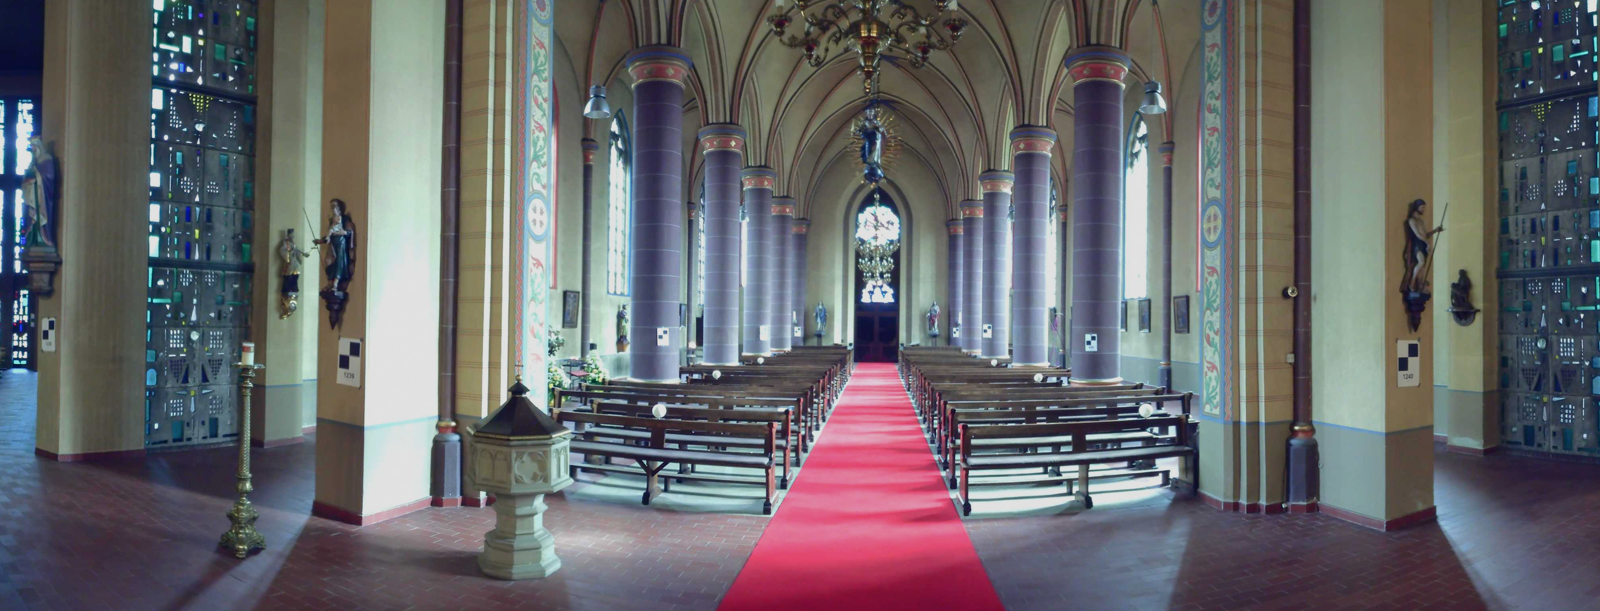 Farbscan Kirche